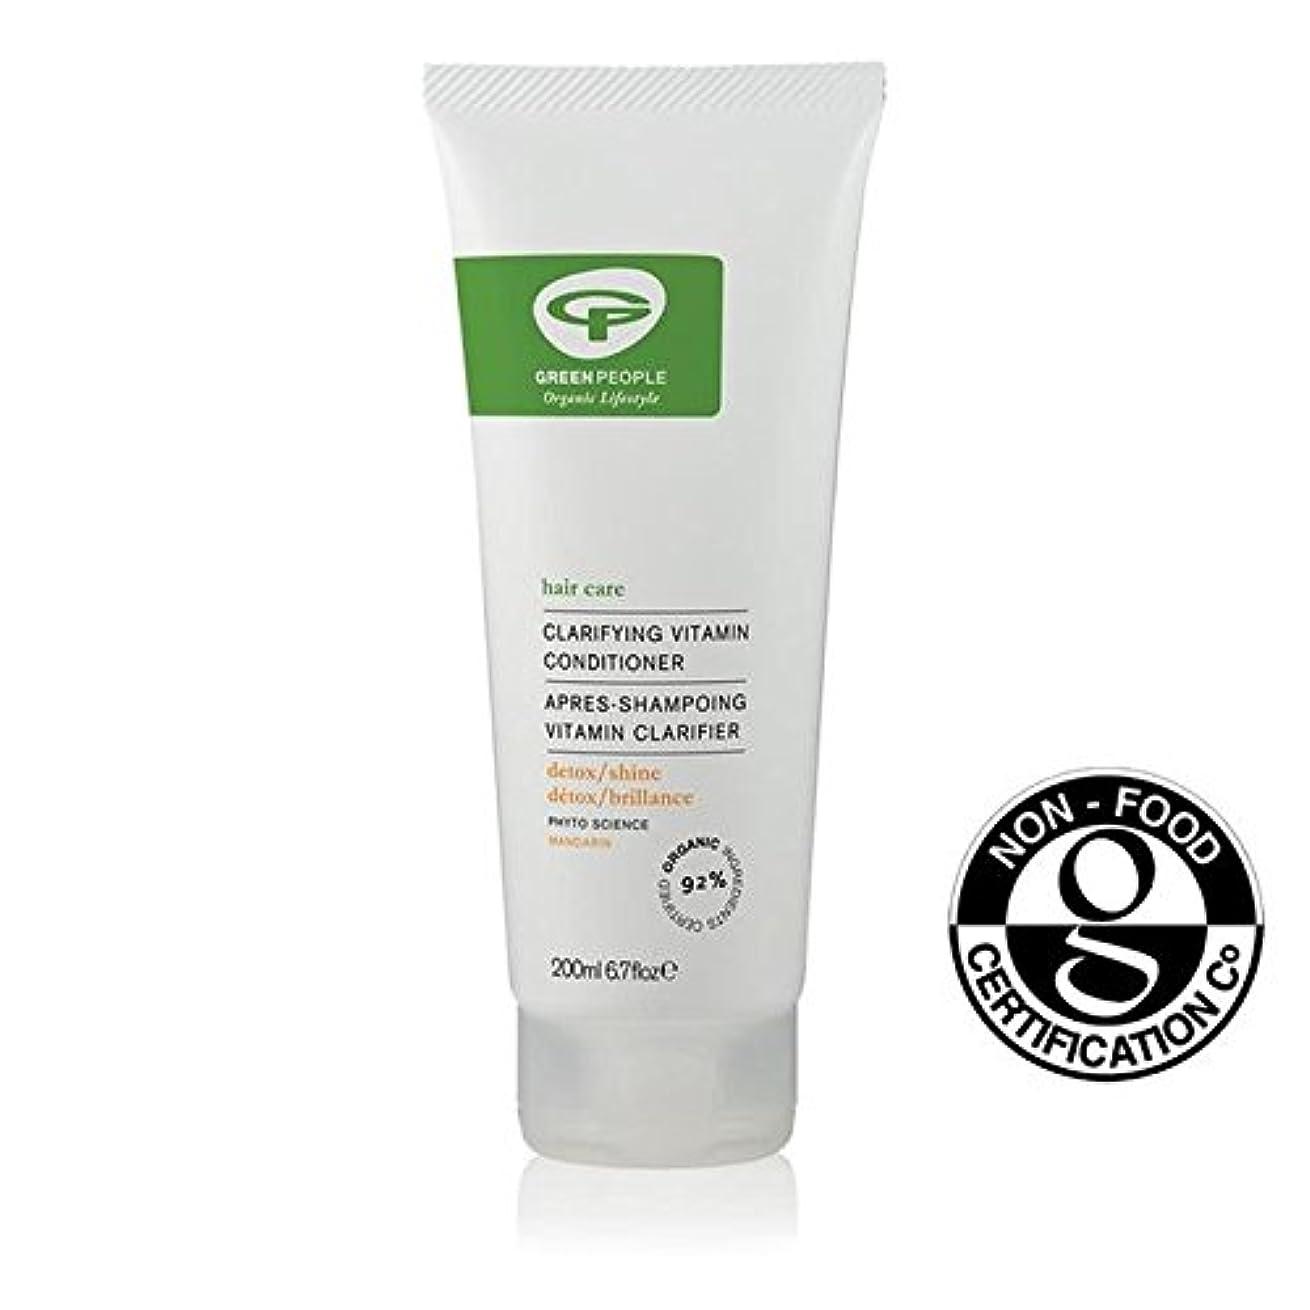 緑の人々の有機明確ビタミンコンディショナー200 x2 - Green People Organic Clarifying Vitamin Conditioner 200ml (Pack of 2) [並行輸入品]